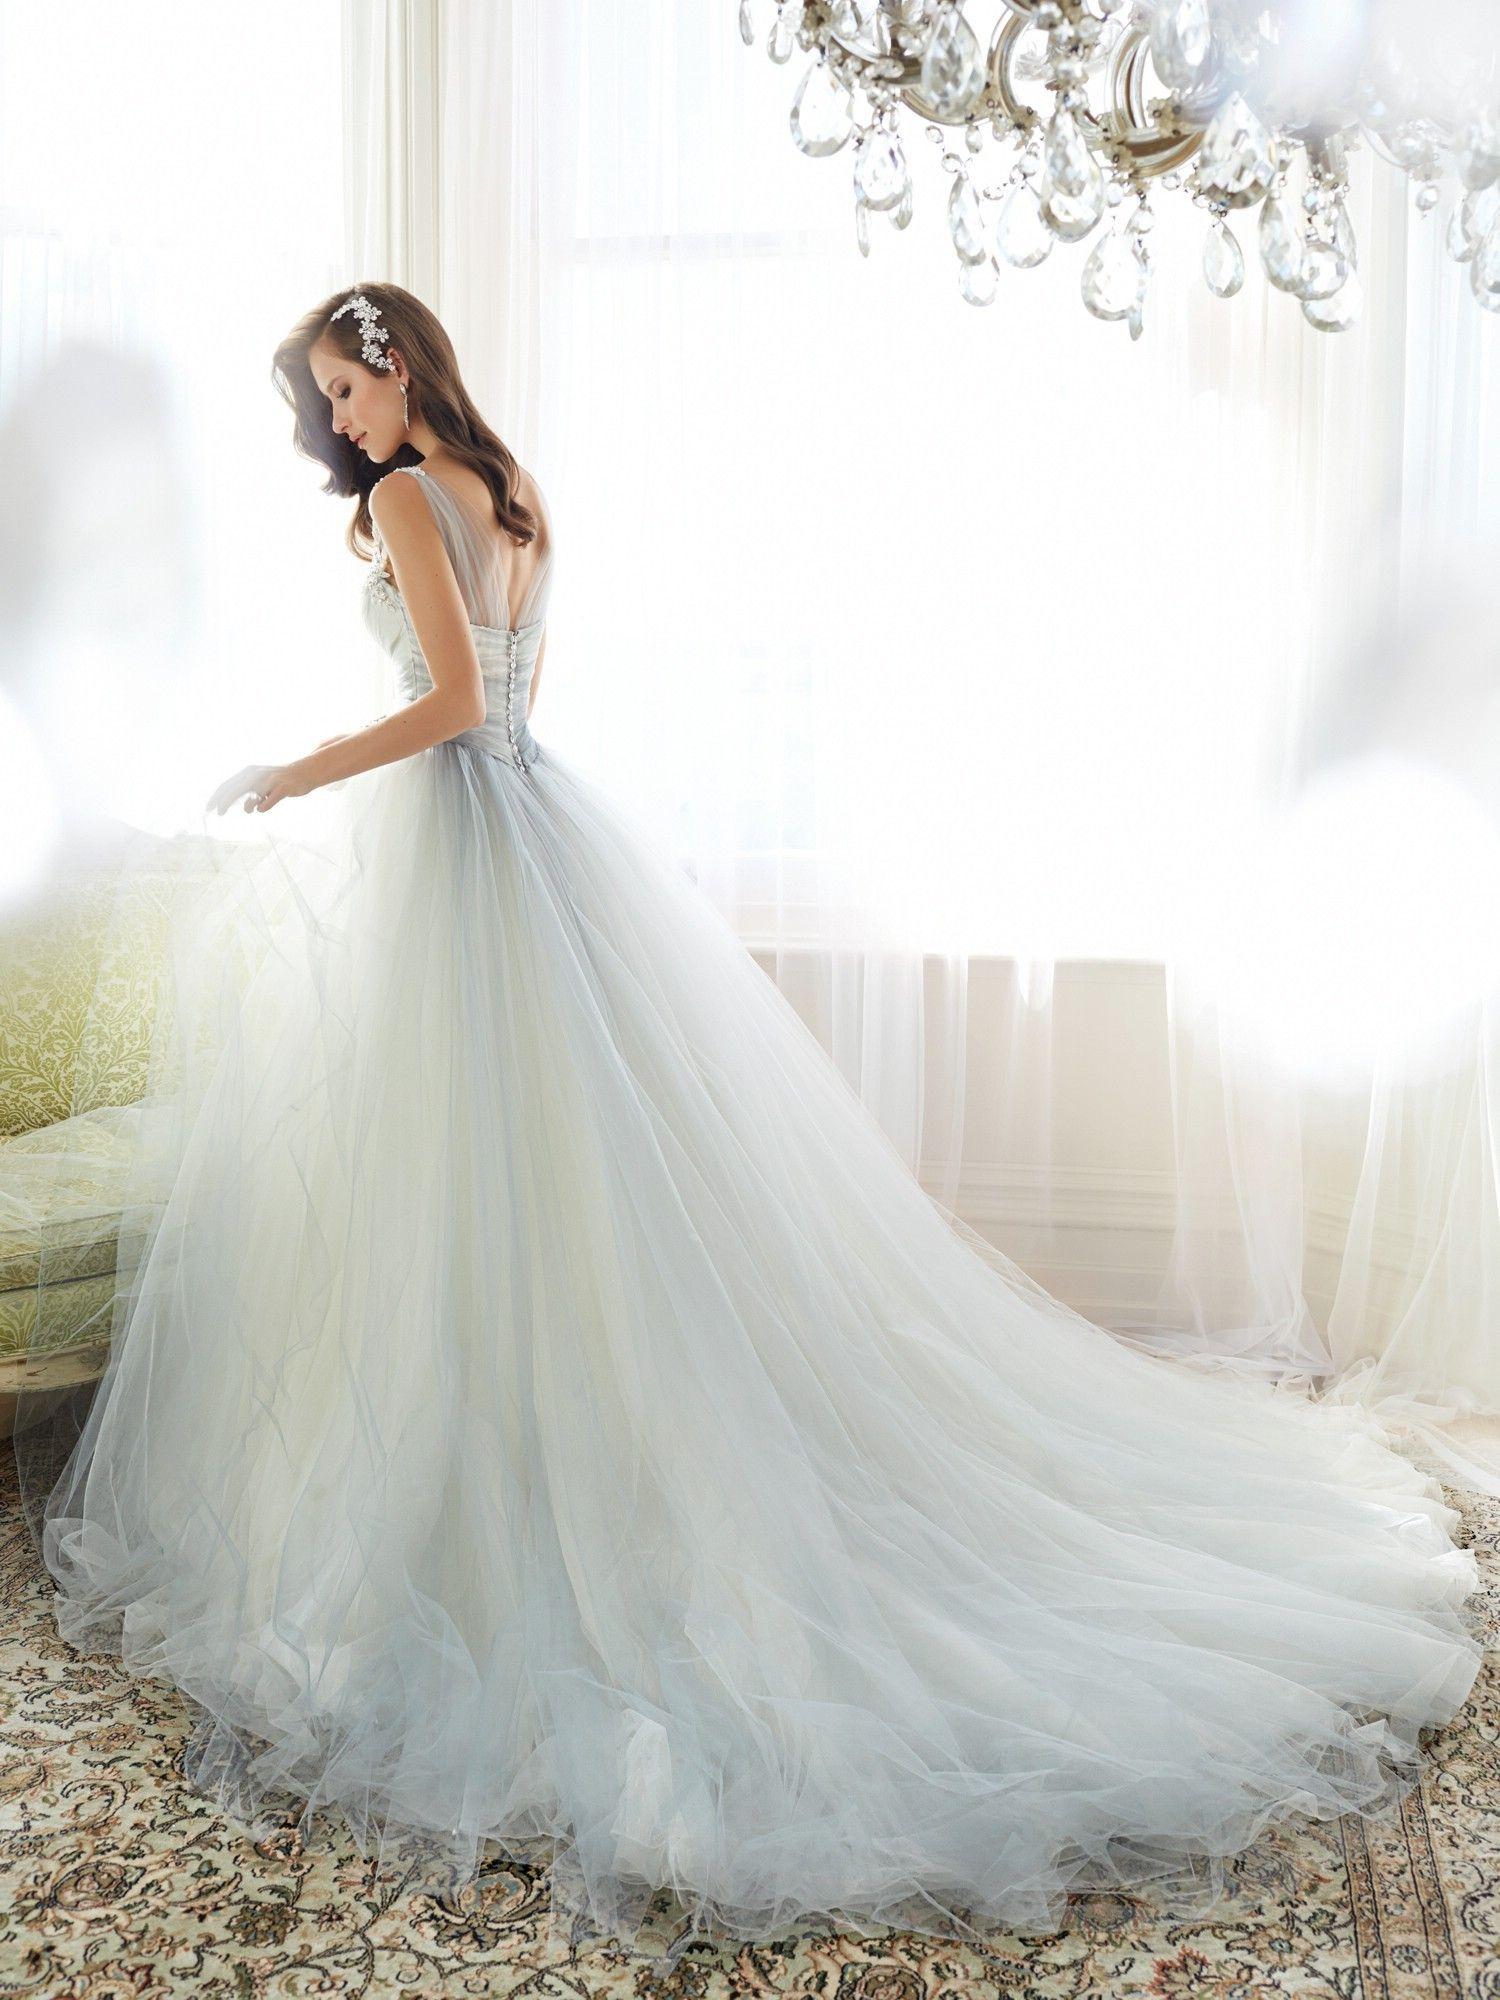 Ob. Sessed. Sophia Tolli Wedding Dresses - Style Nightingale Y11550 #sophiatolli #nightingale #weddingdress